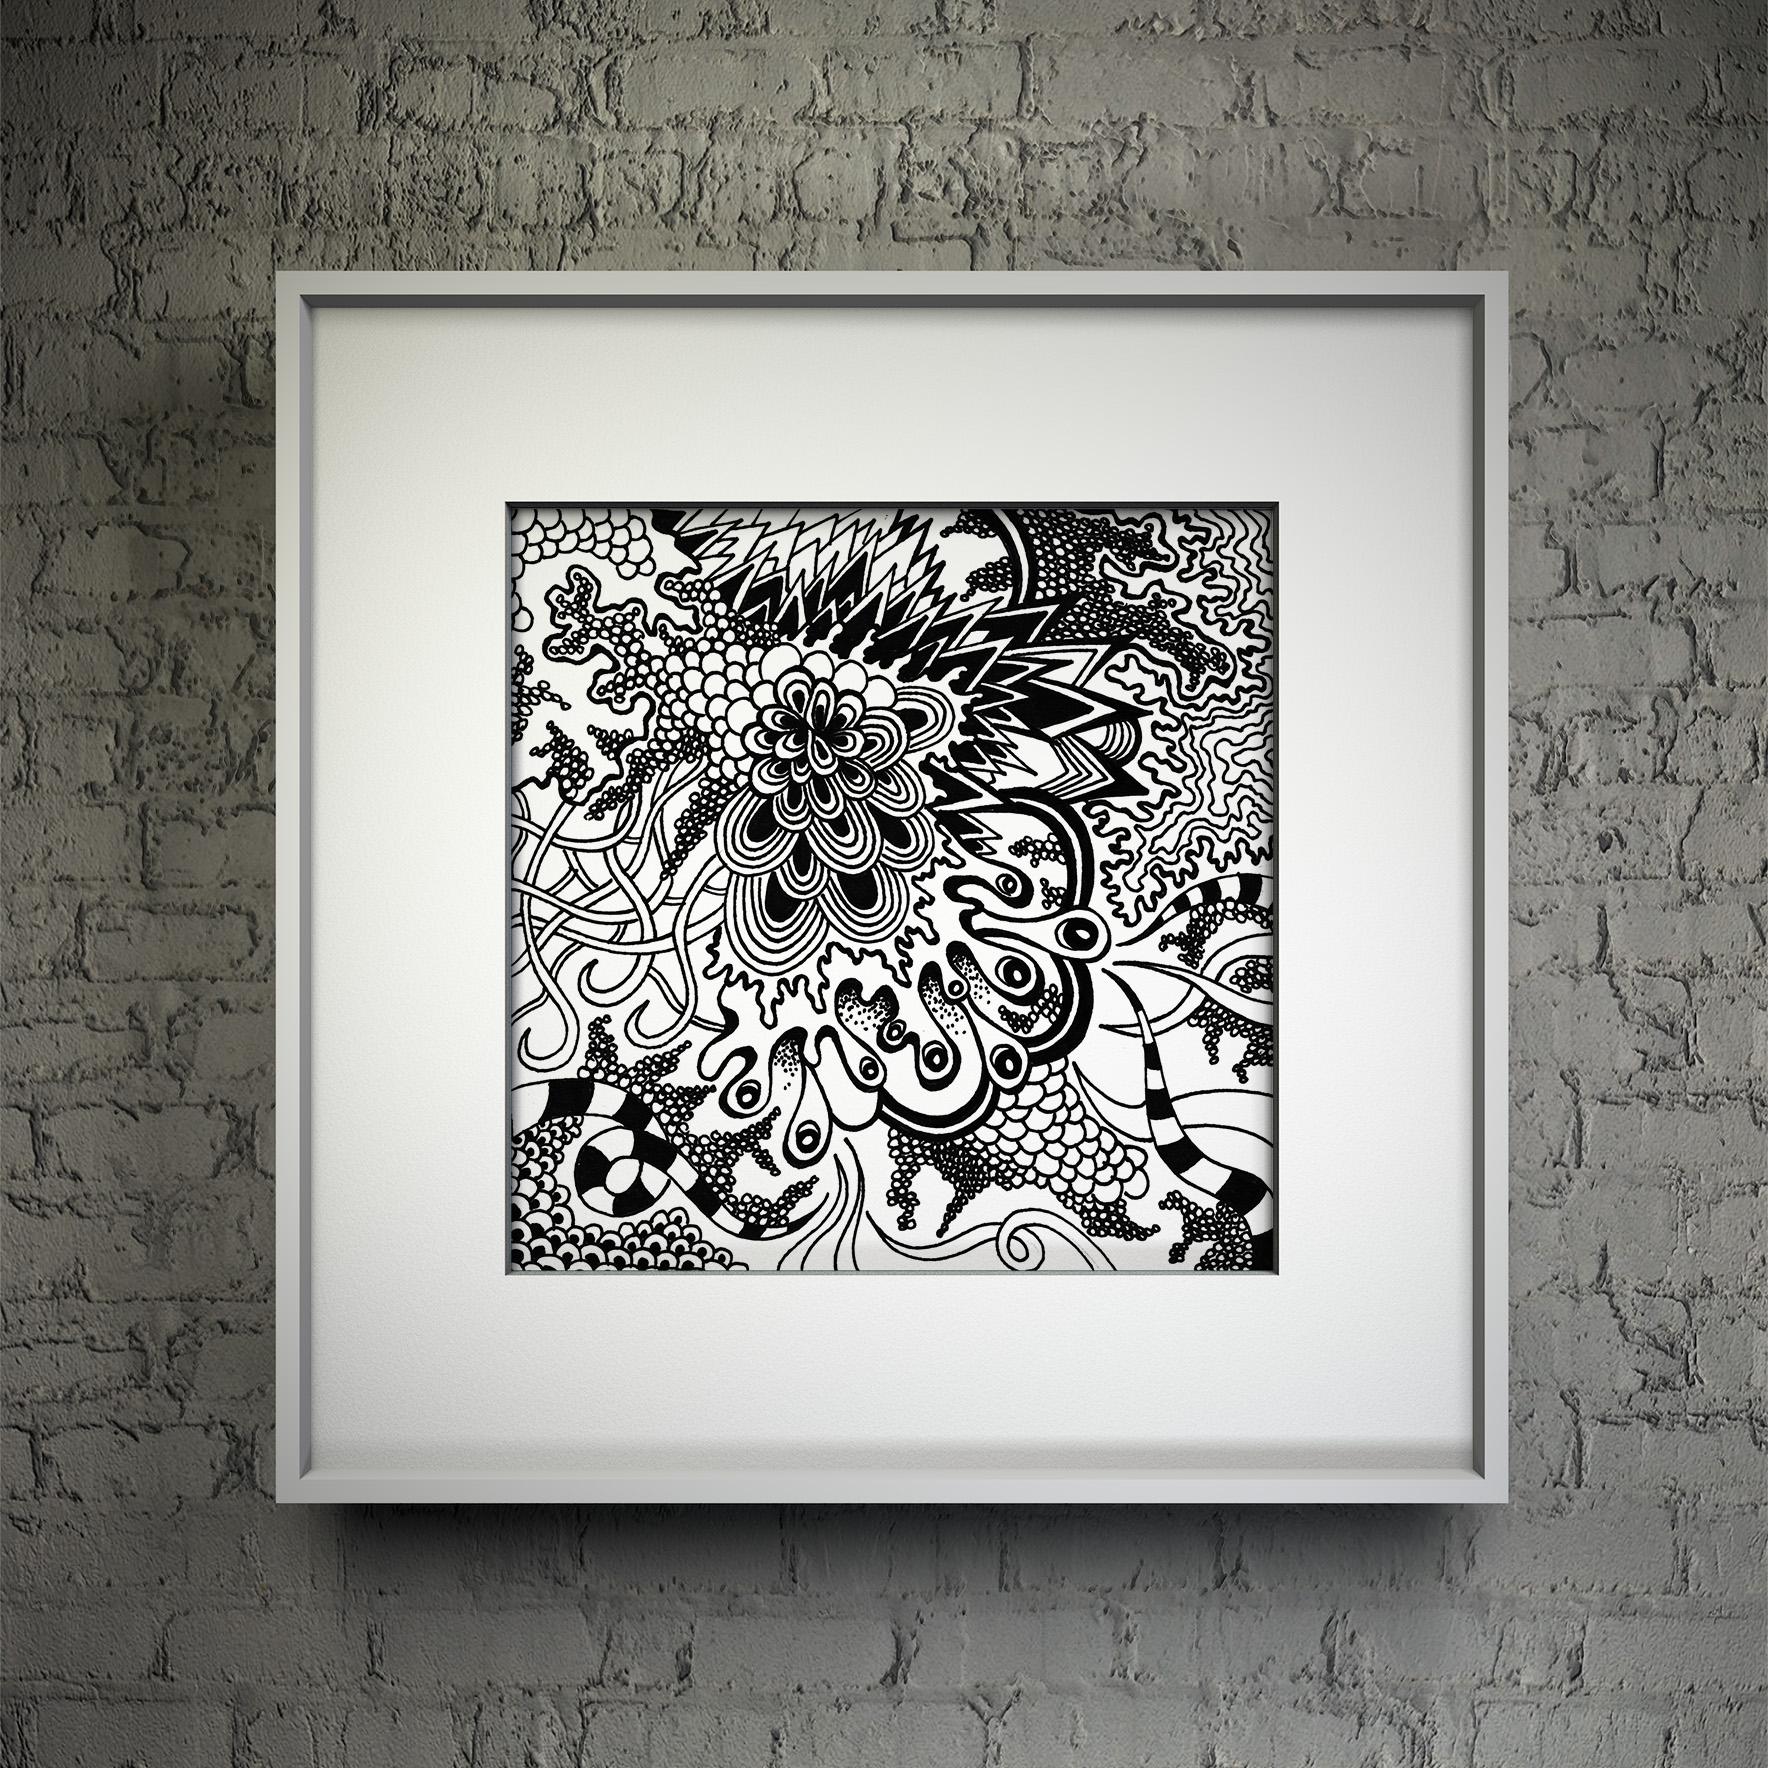 doodle1_framed.jpg